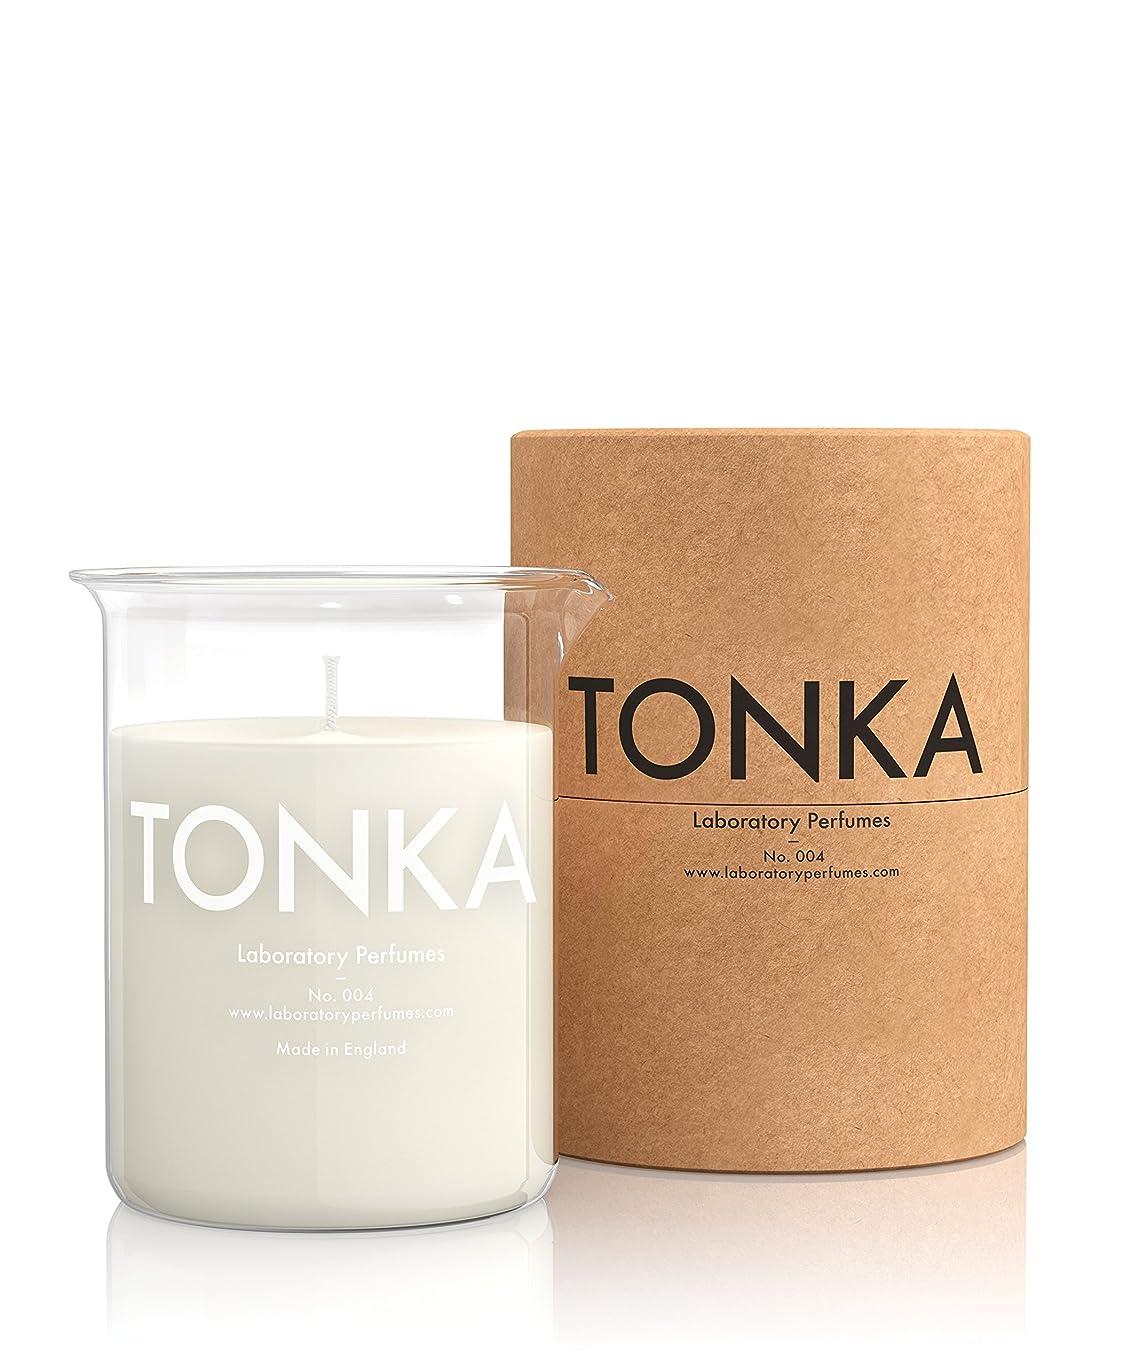 力強い分泌するトレッドLabortory Perfumes キャンドル トンカ Tonka (アロマティックオリエンタル Aromatic Oriental) Candle ラボラトリー パフューム